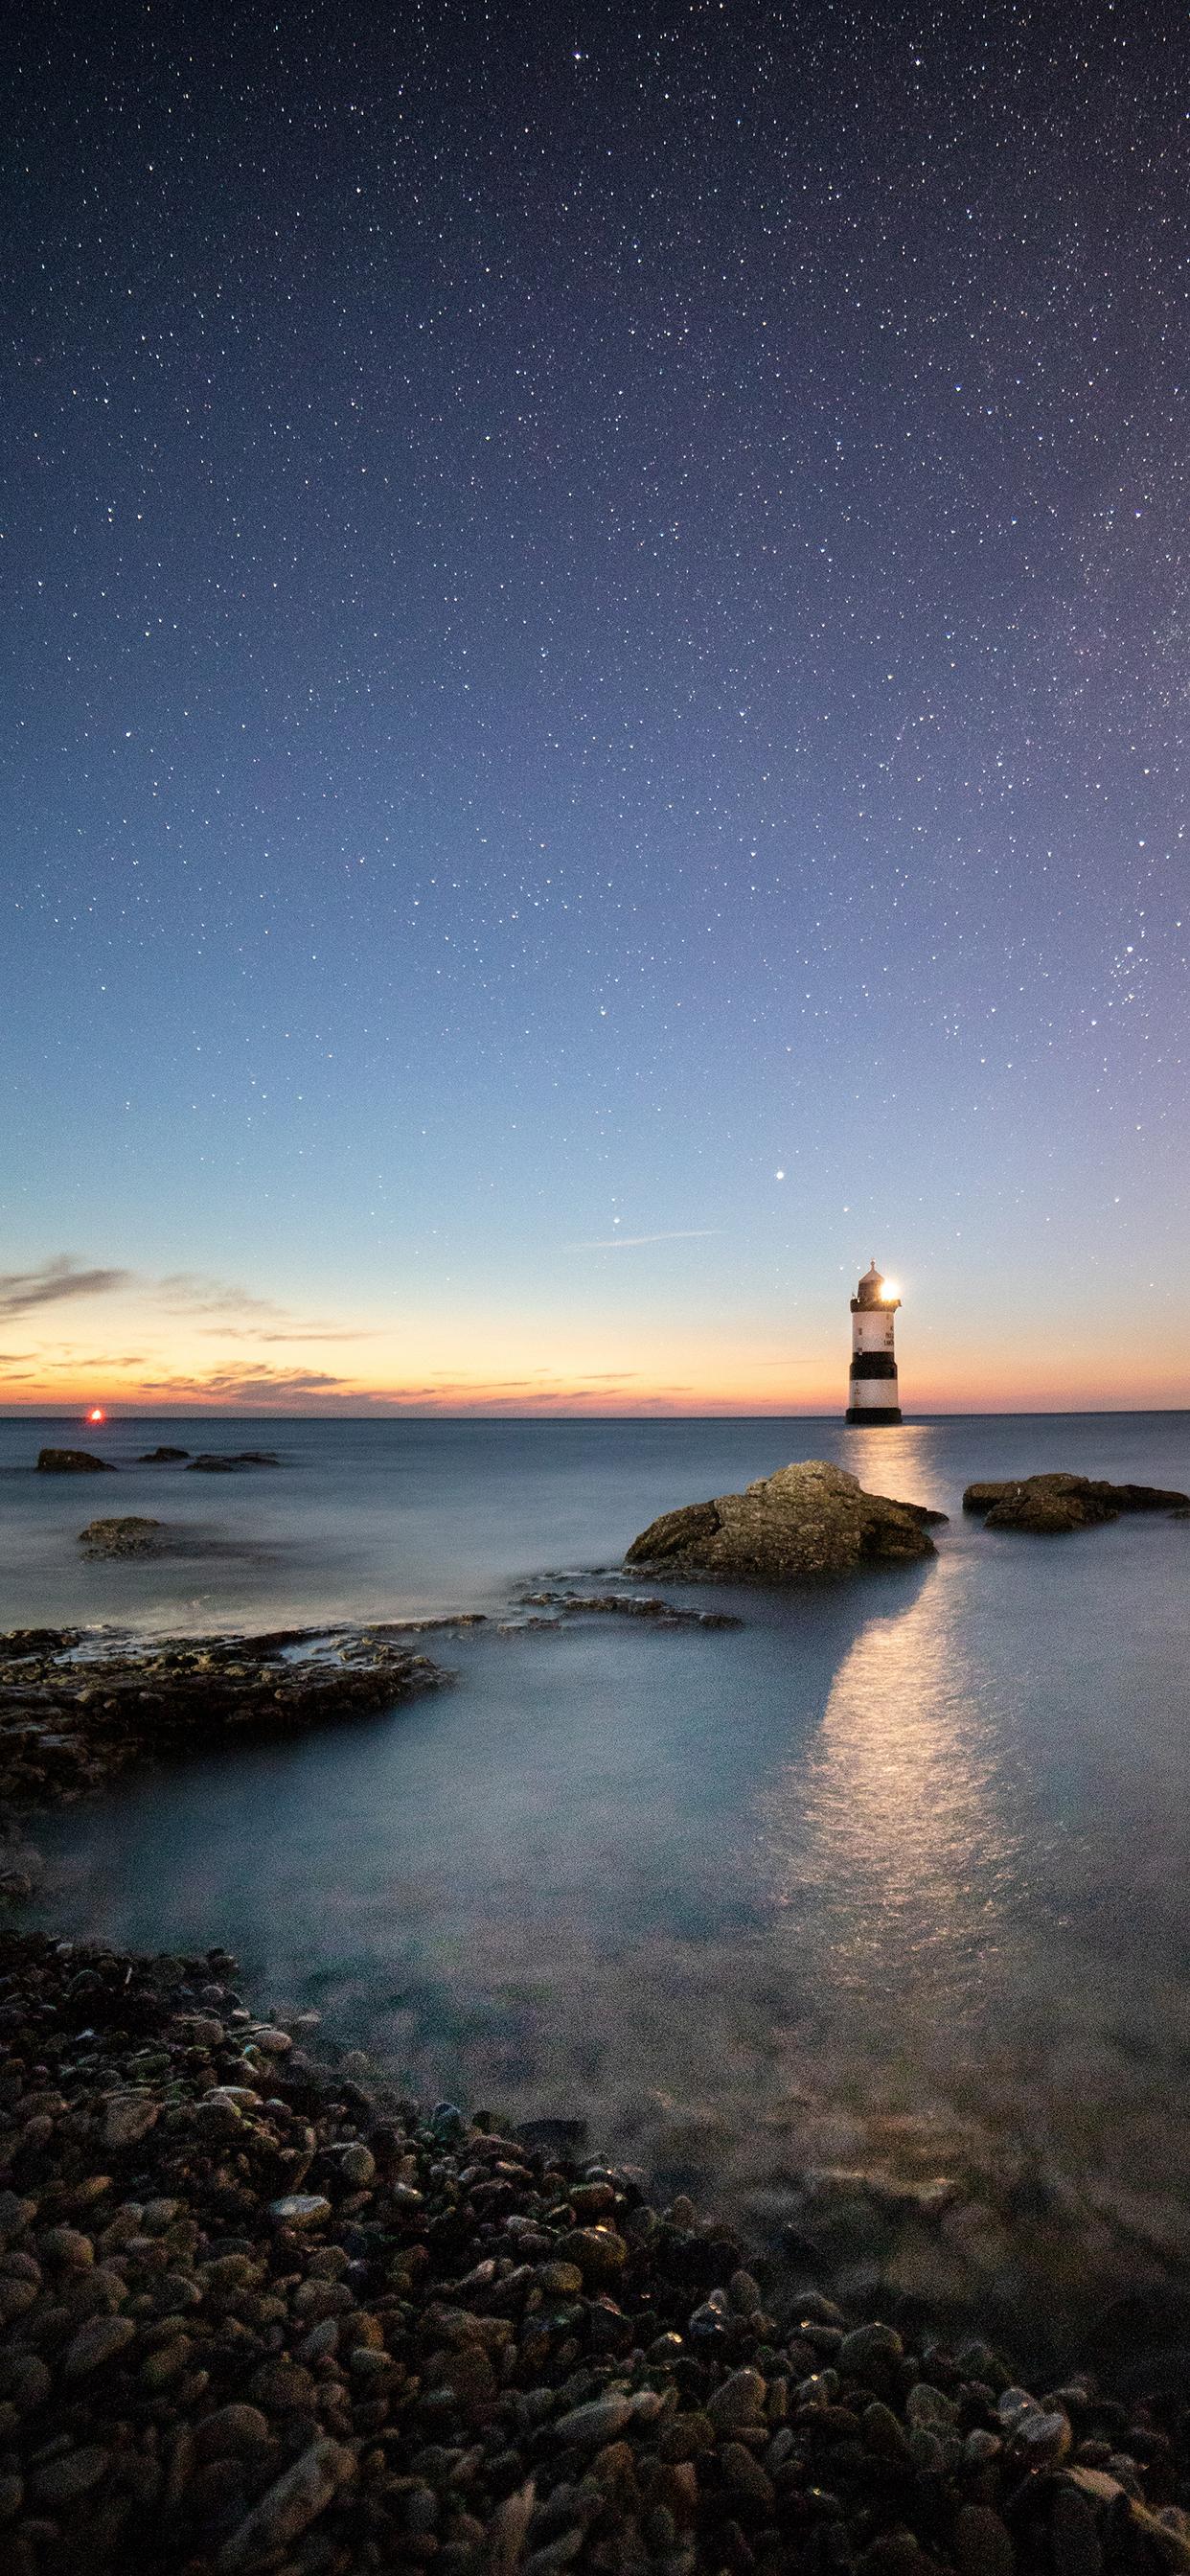 iPhone wallpaper lighthouse united kingdom Fonds d'écran iPhone du 04/01/2019